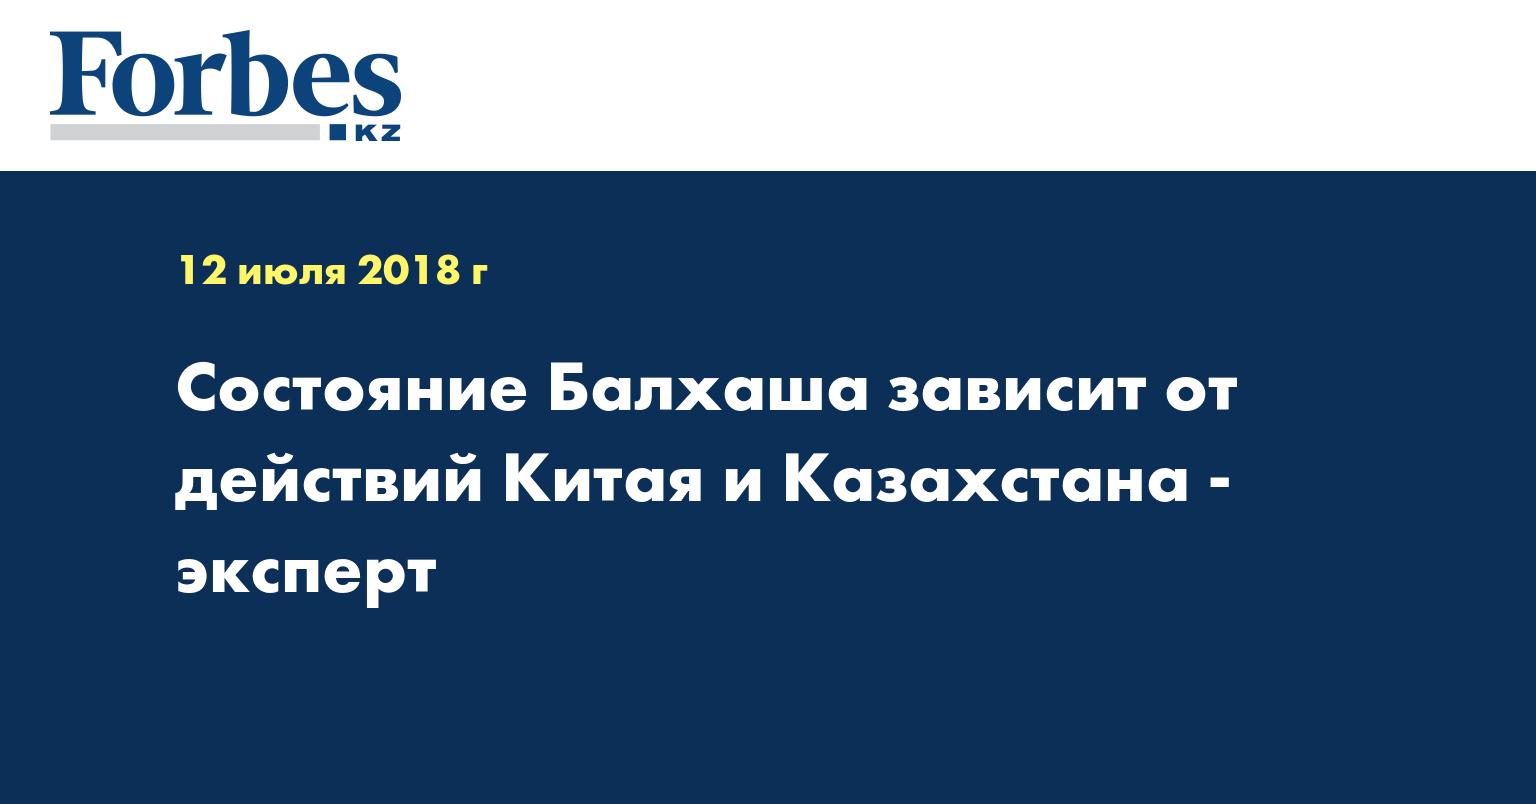 Состояние Балхаша зависит от действий Китая и Казахстана - эксперт